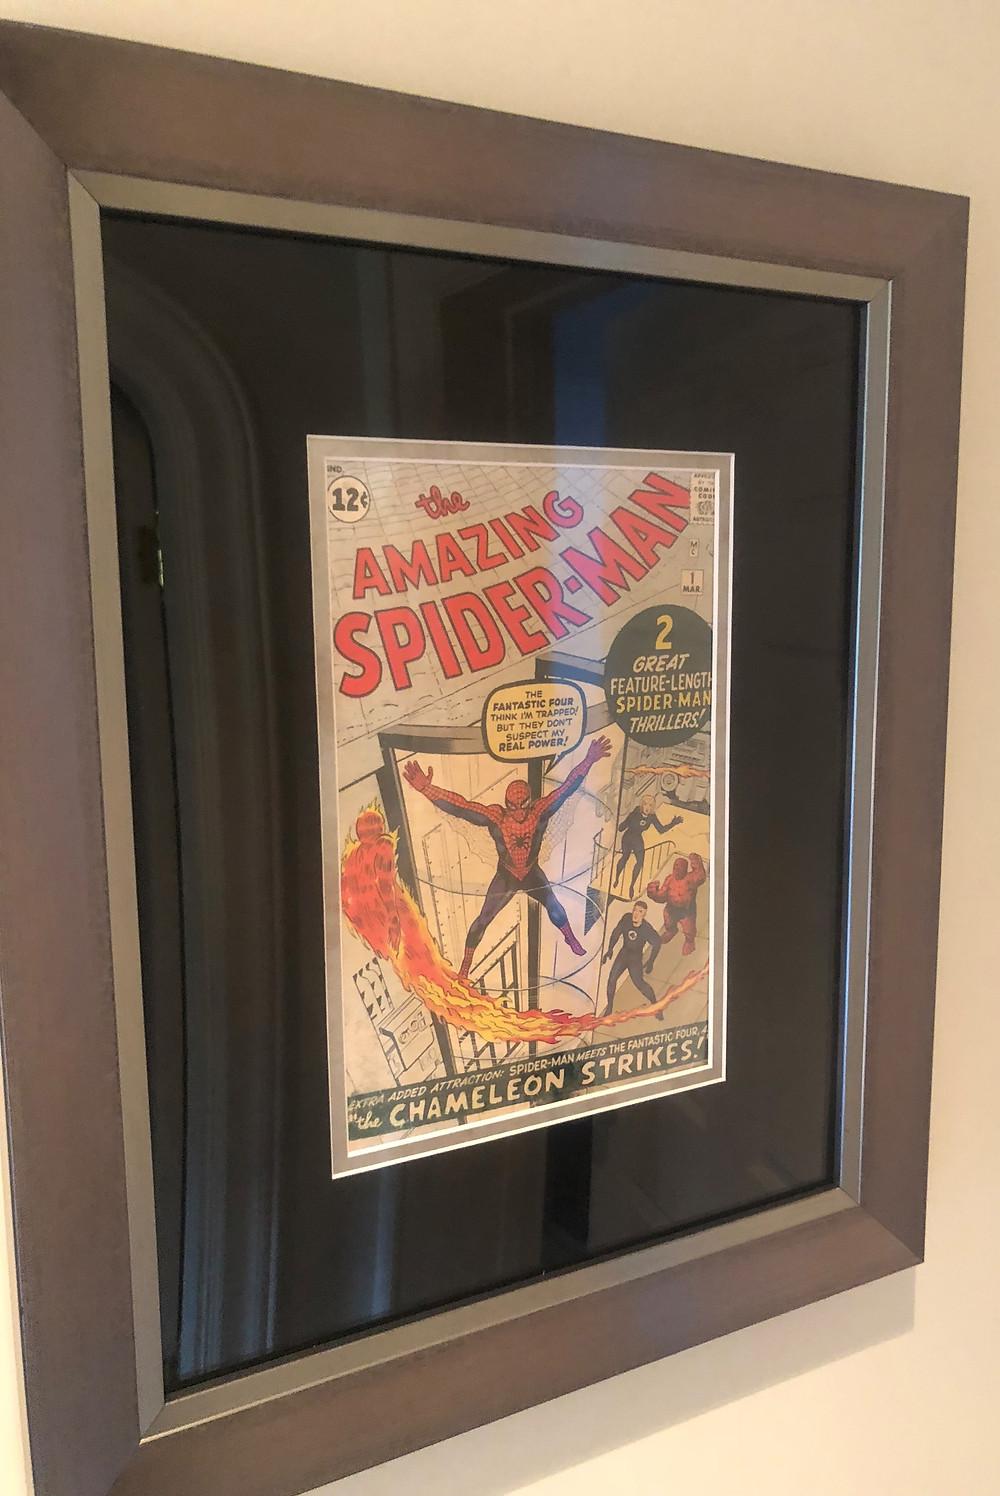 Amazing Spider-Man #1 ECC Frames Premium Dark Silver Frame